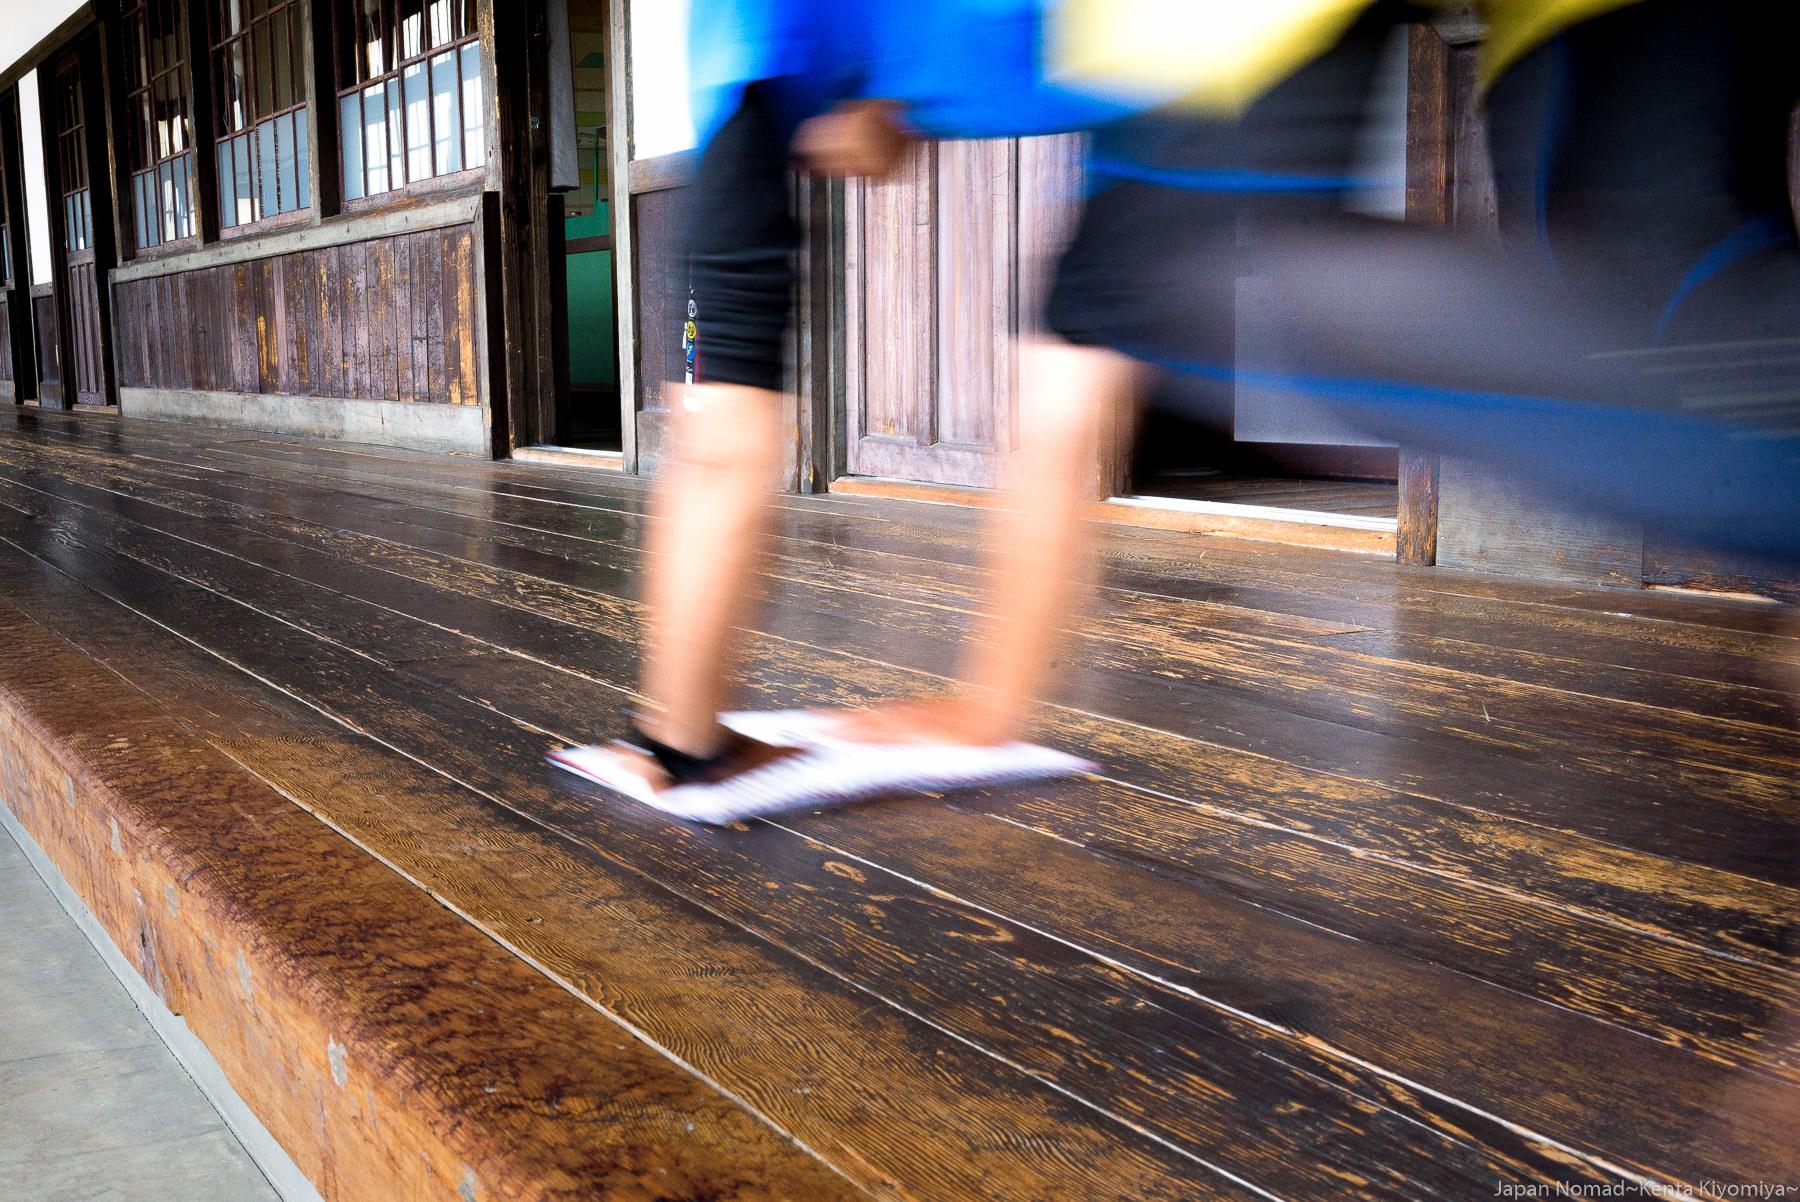 【旅252日目】自転車日本一周チャリダーが日本一長い木造校舎の廊下で雑巾がけに挑んだ話(愛媛県宇和町)